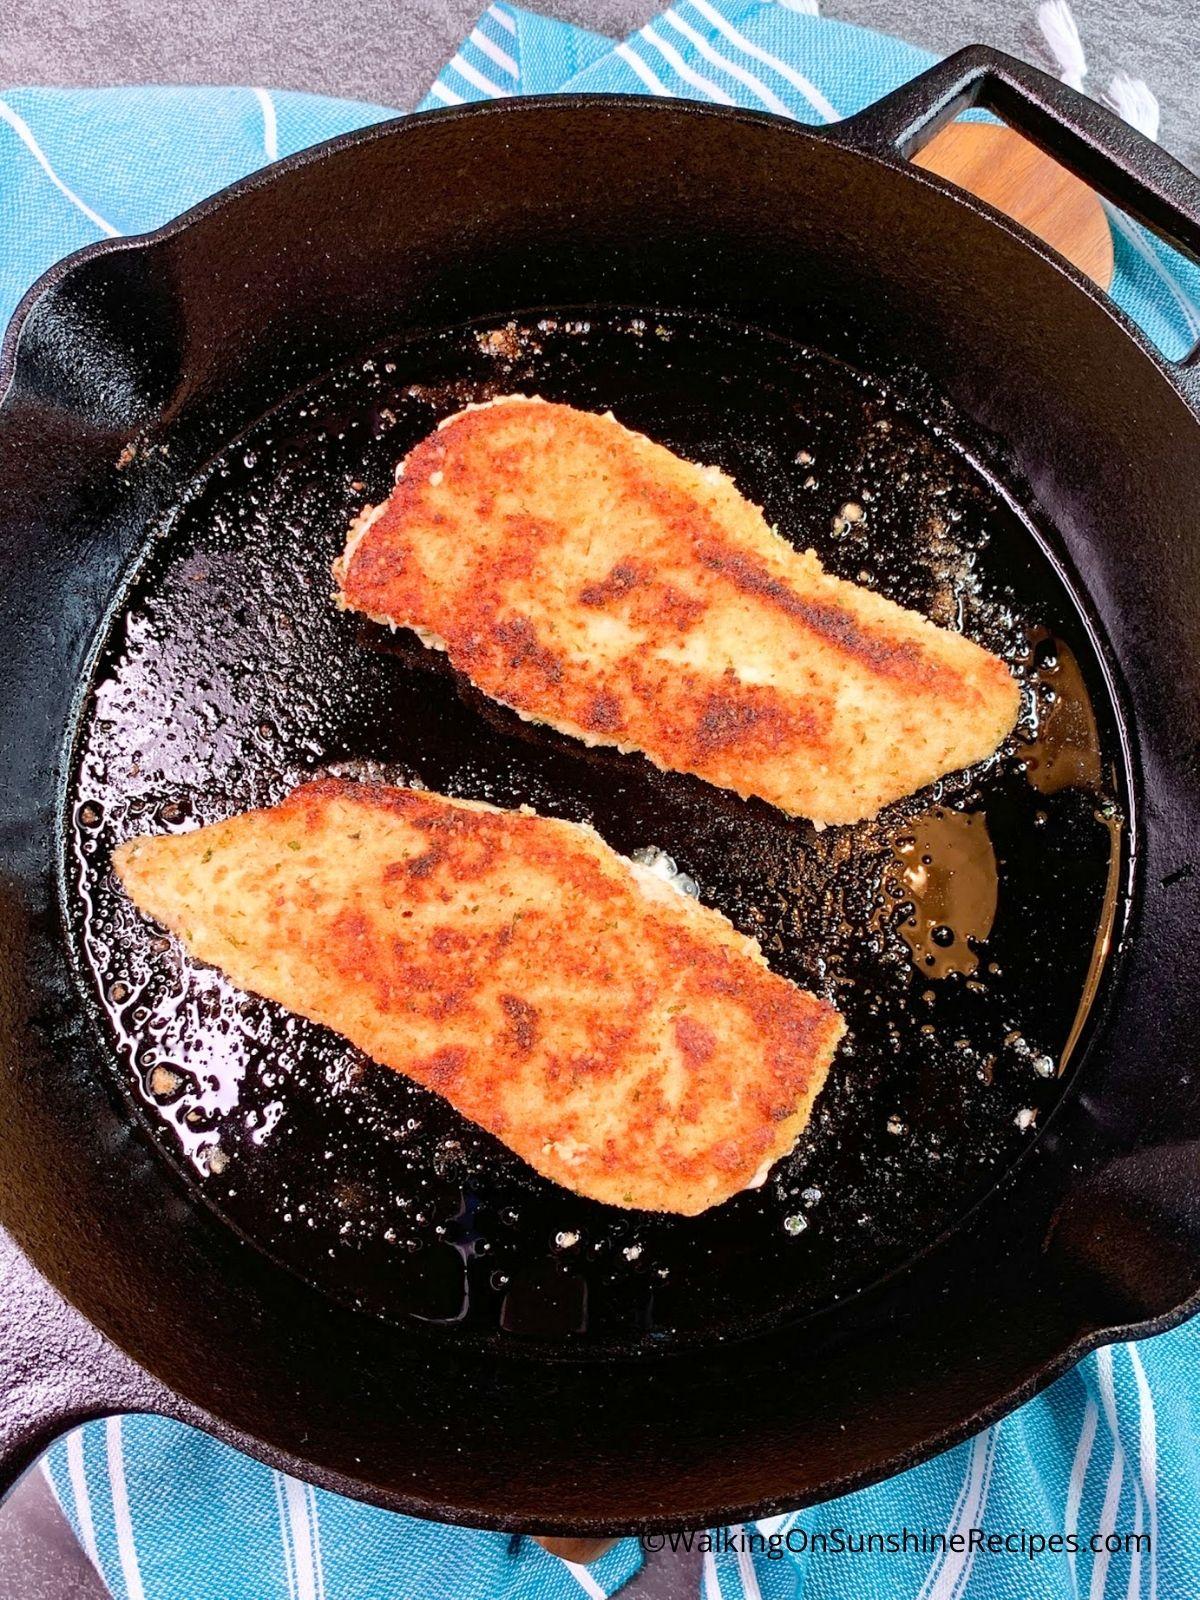 Chicken in cast iron  skillet.